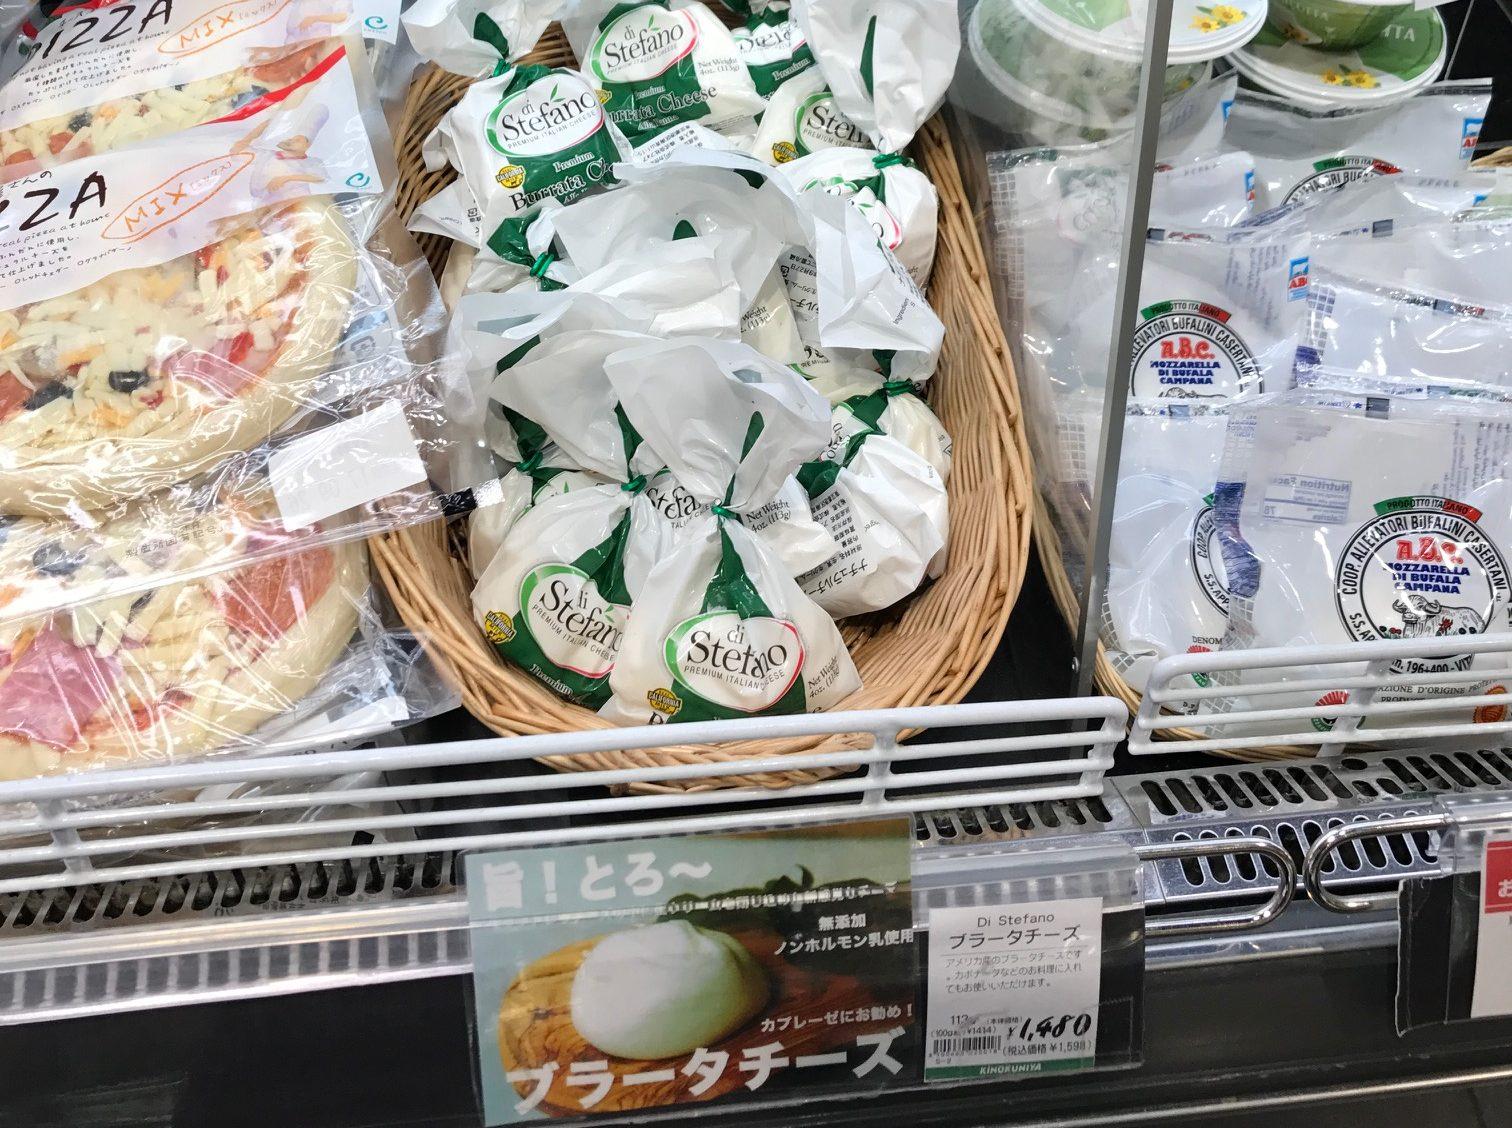 ご家庭でもブラータチーズが楽しめる!!? 紀伊国屋 インターナショナルさんで販売中!